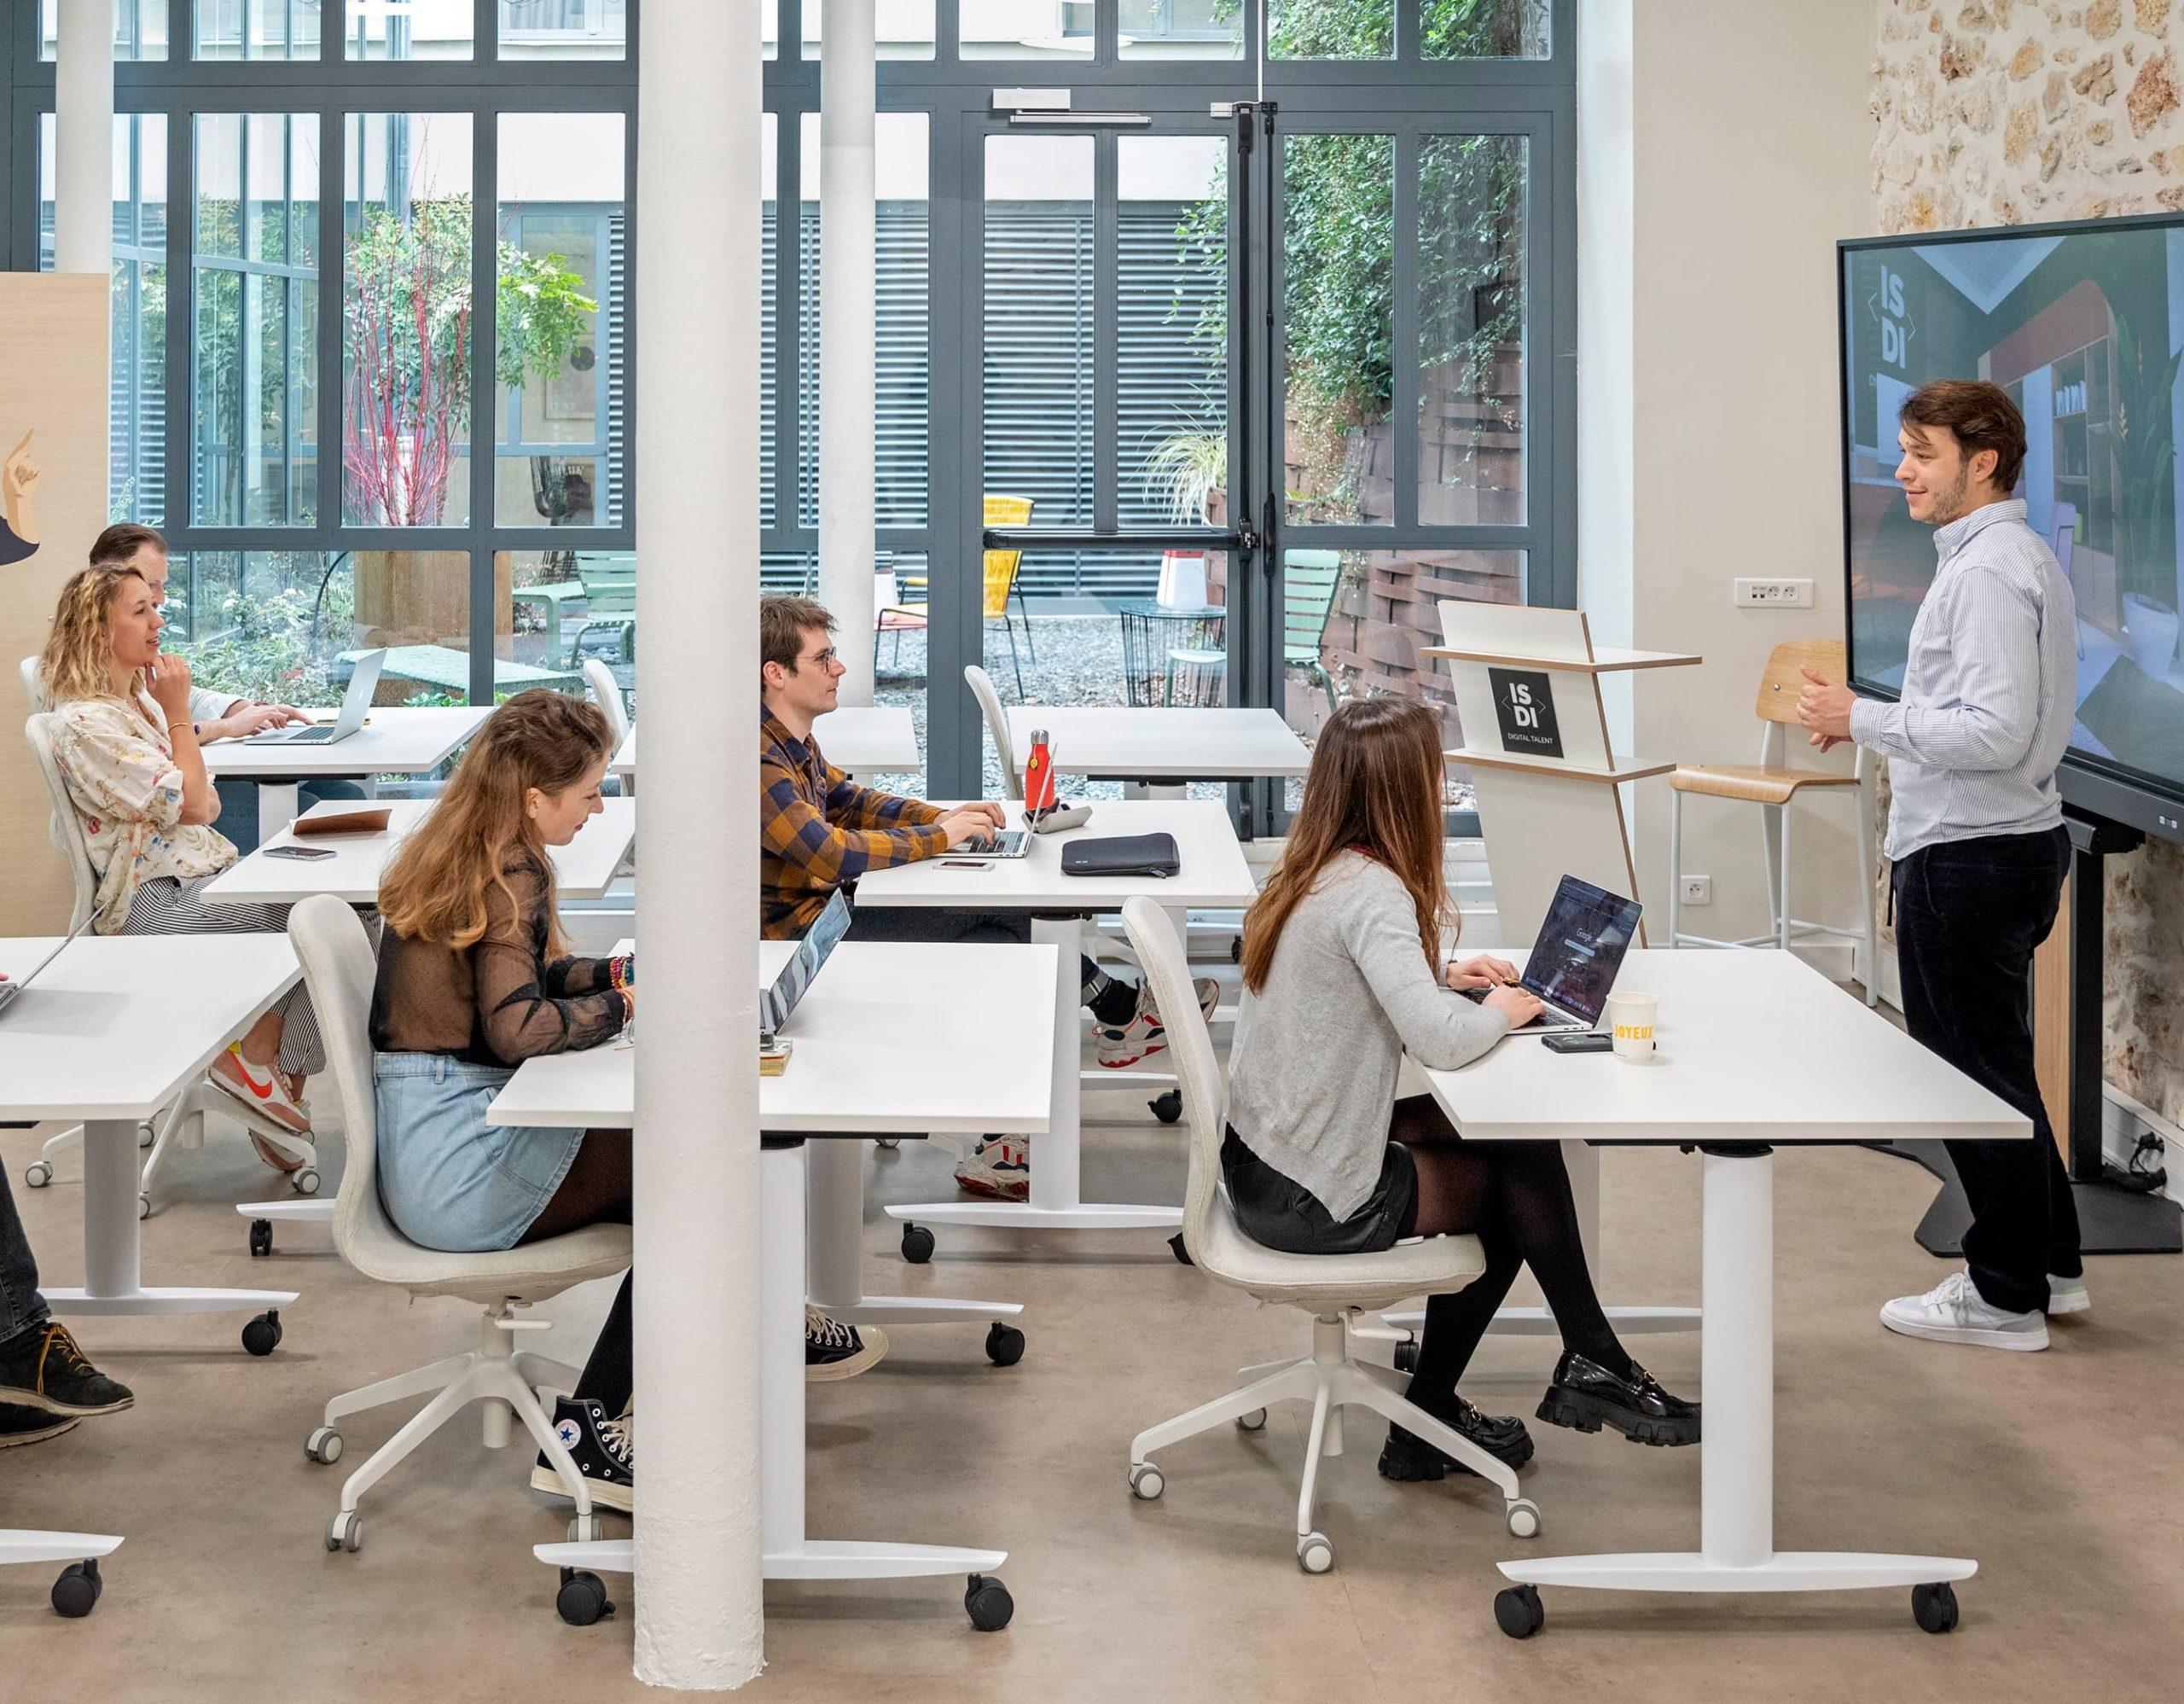 Le Centre d'Accélération Digitale s'étend sur deux niveaux et sur 800 m².